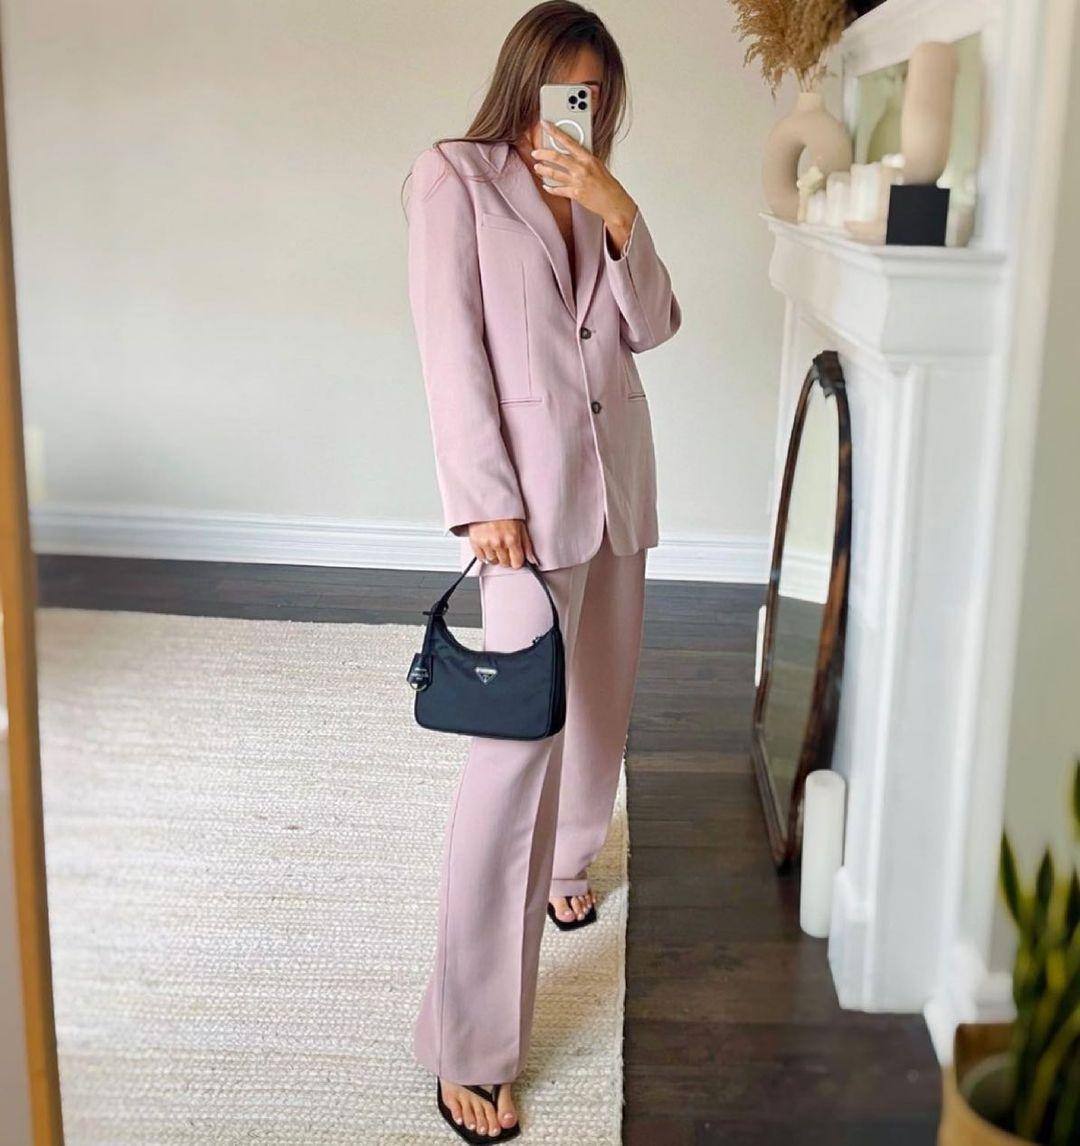 straight fit blazer with pockets de Zara sur zara.style.daily